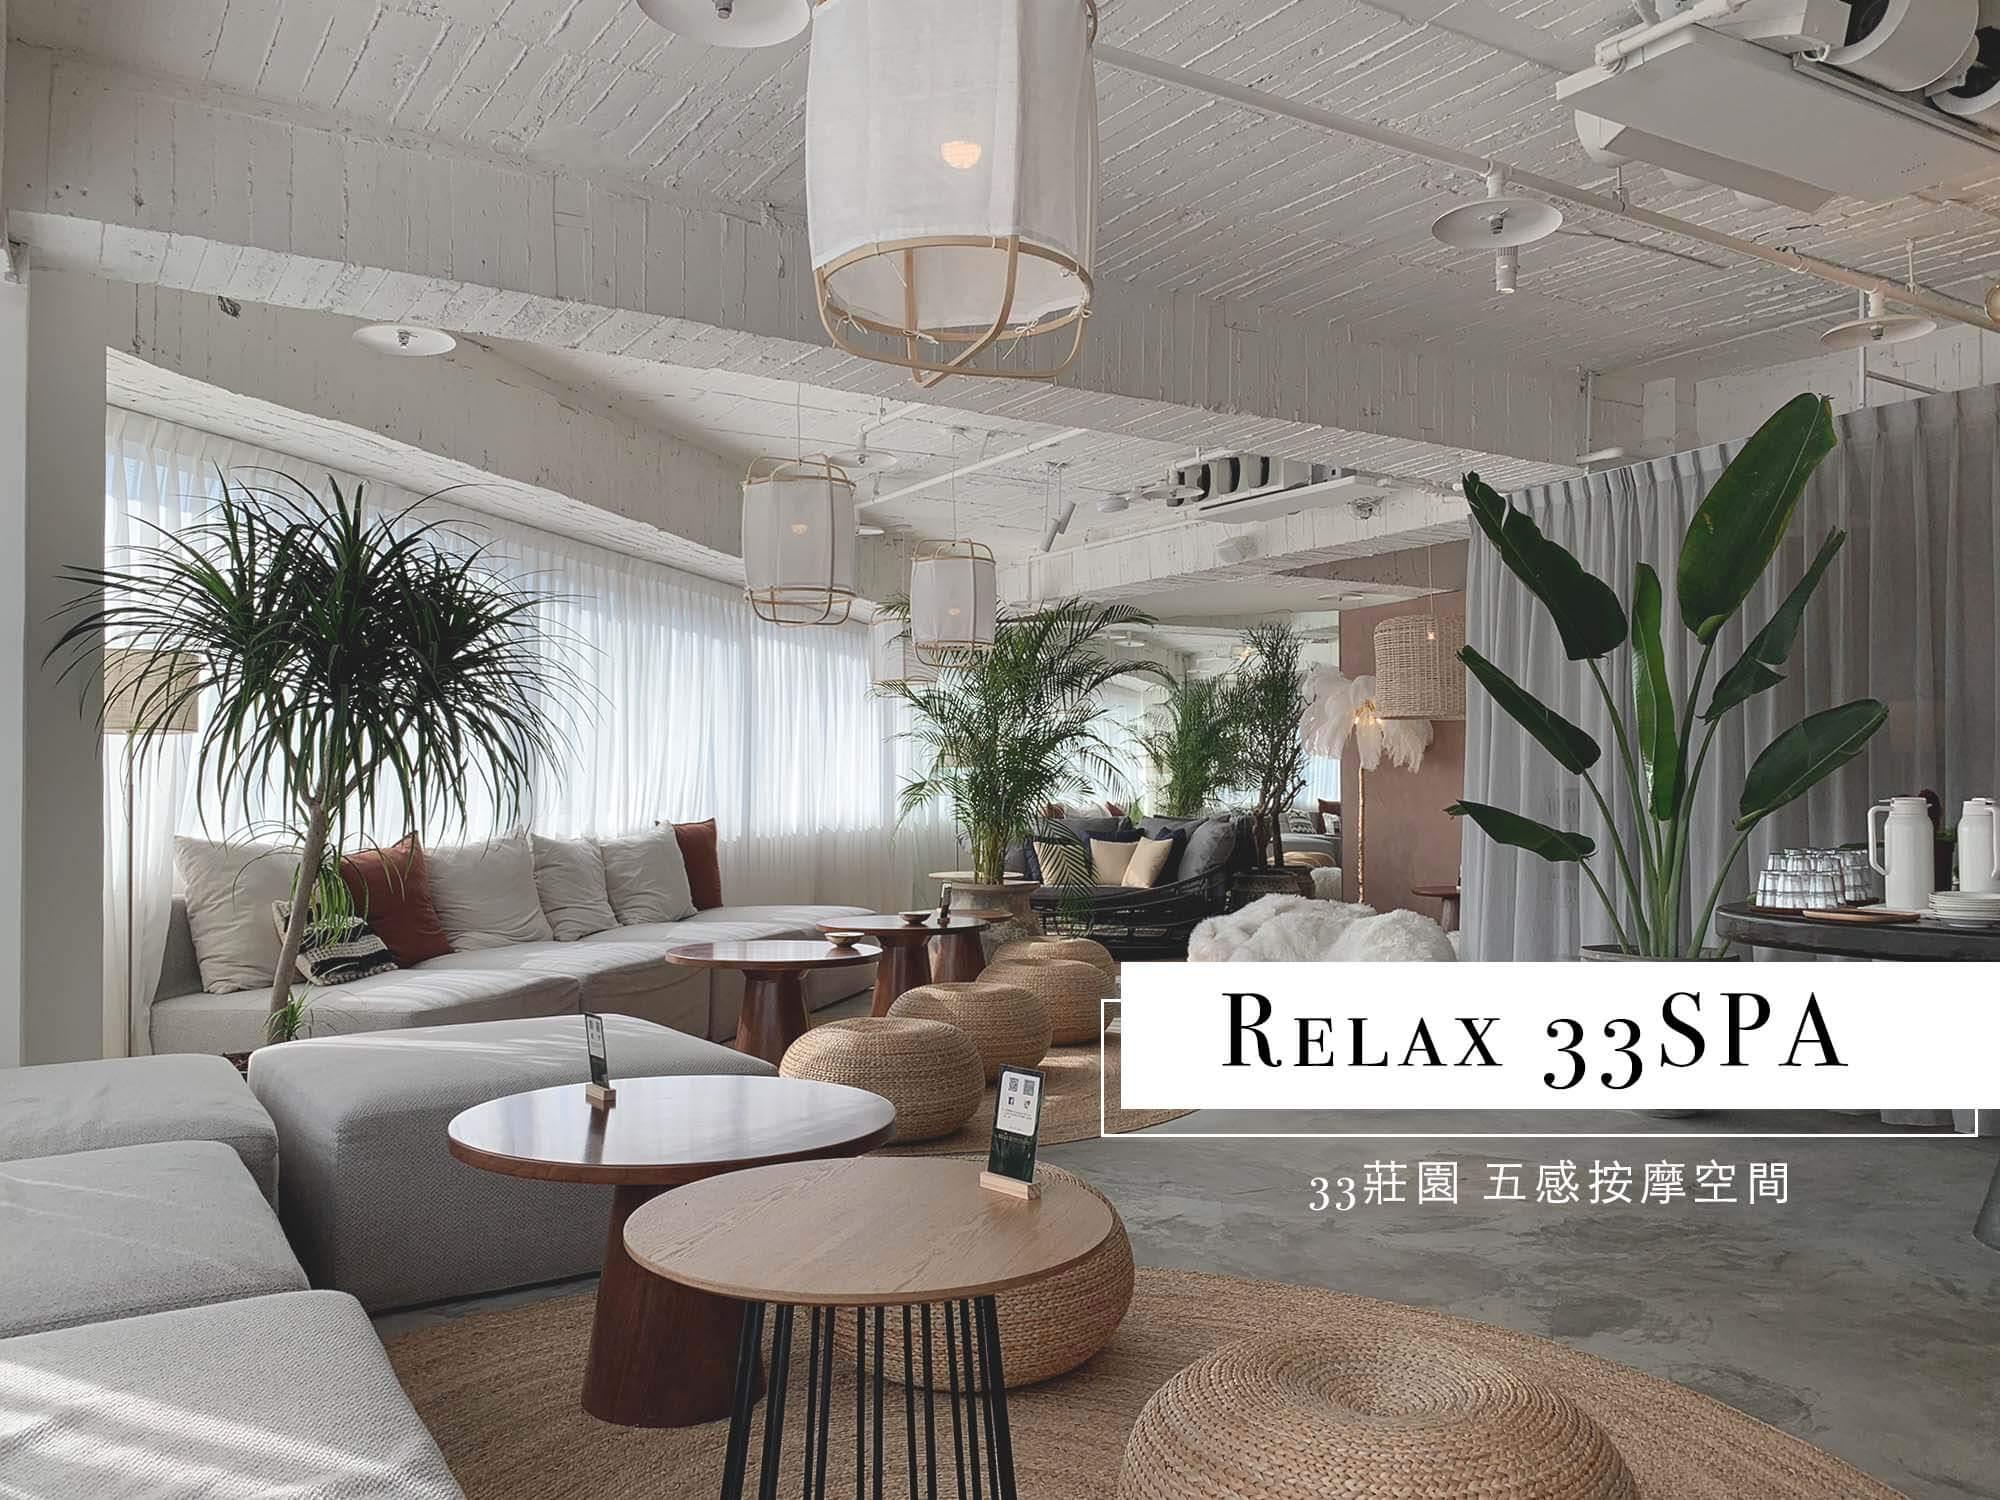 台北按摩SPA|按摩完再來杯下午茶吧!體驗頂級享受SPA-Relax33莊園五感按摩空間(含價位menu)